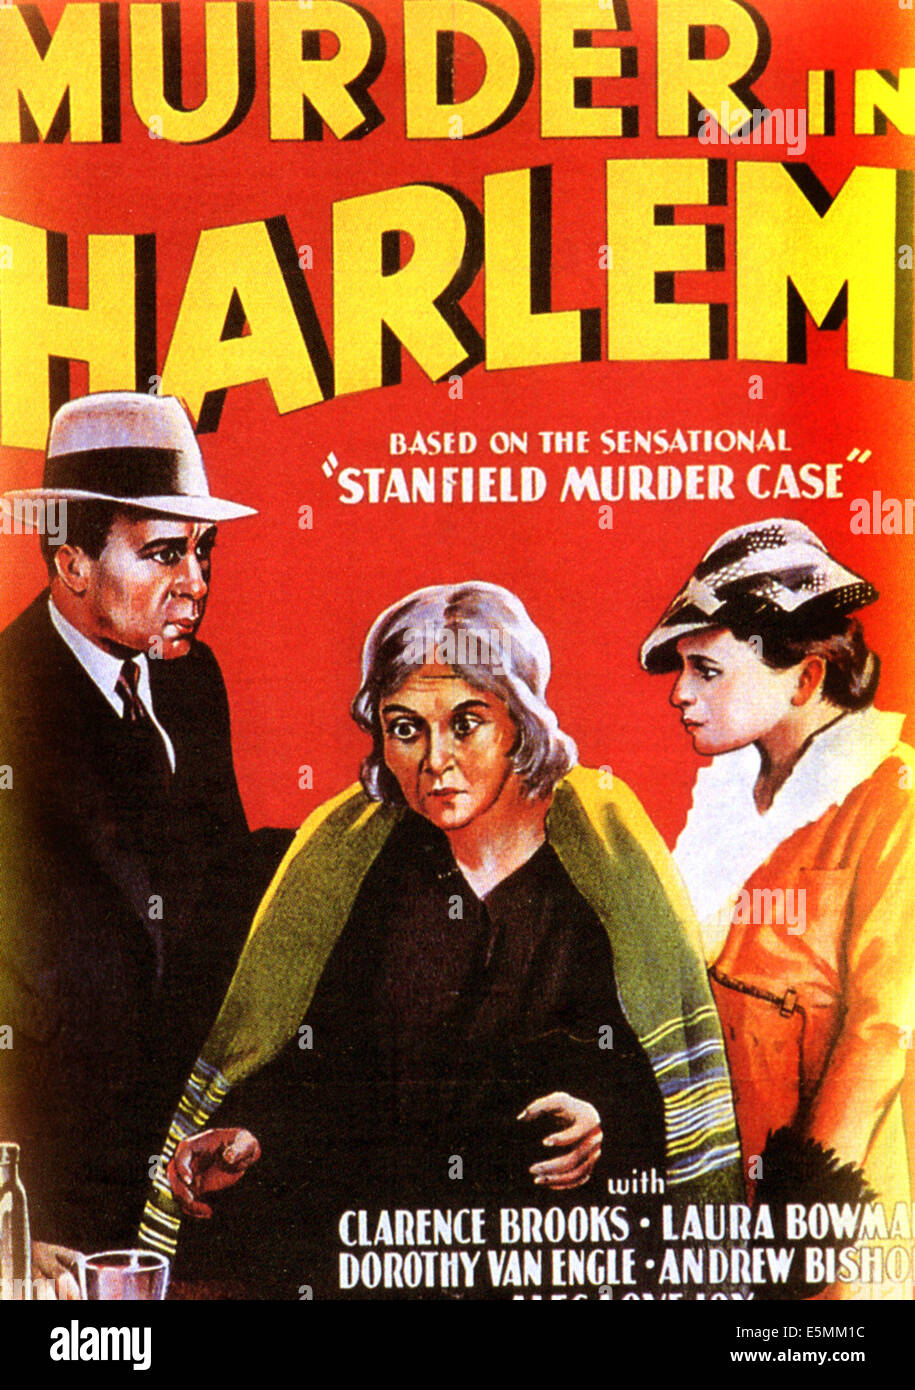 MURDER IN HARLEM, 1935 - Stock Image